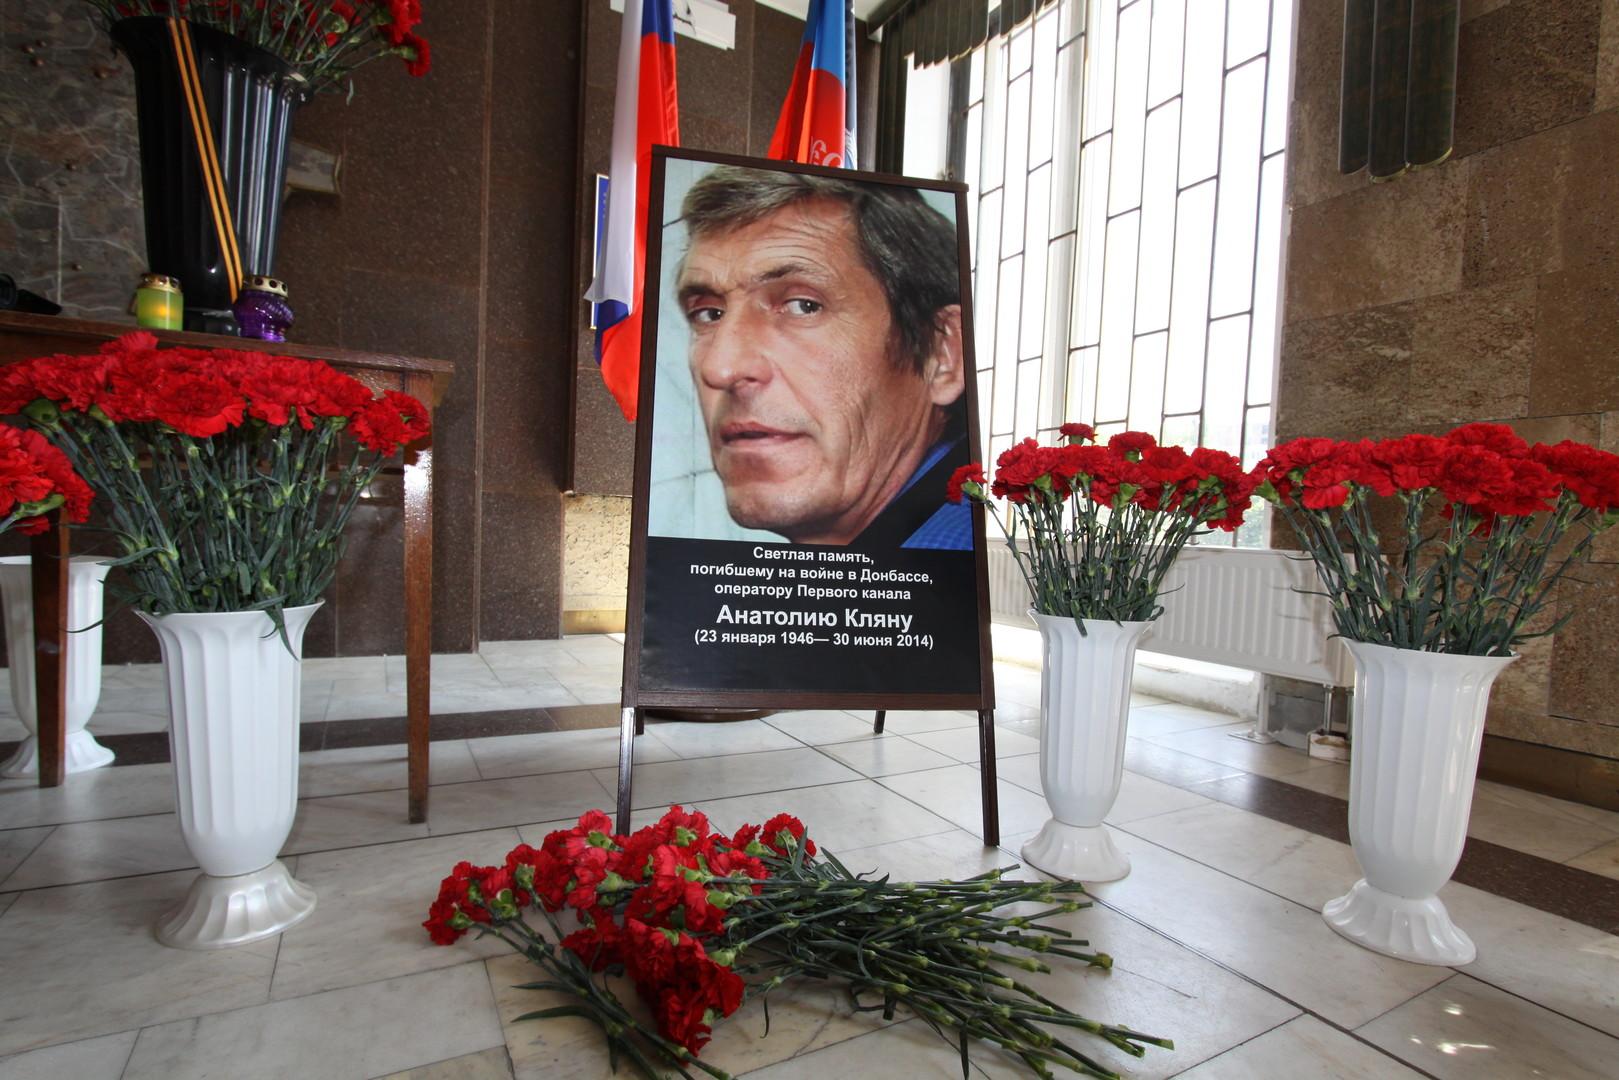 Анатолий Клян, оператор Первого канала. Получил ранение в живот в Донецкой области при обстреле автобуса. 29 июня 2014 года скончался в больнице.